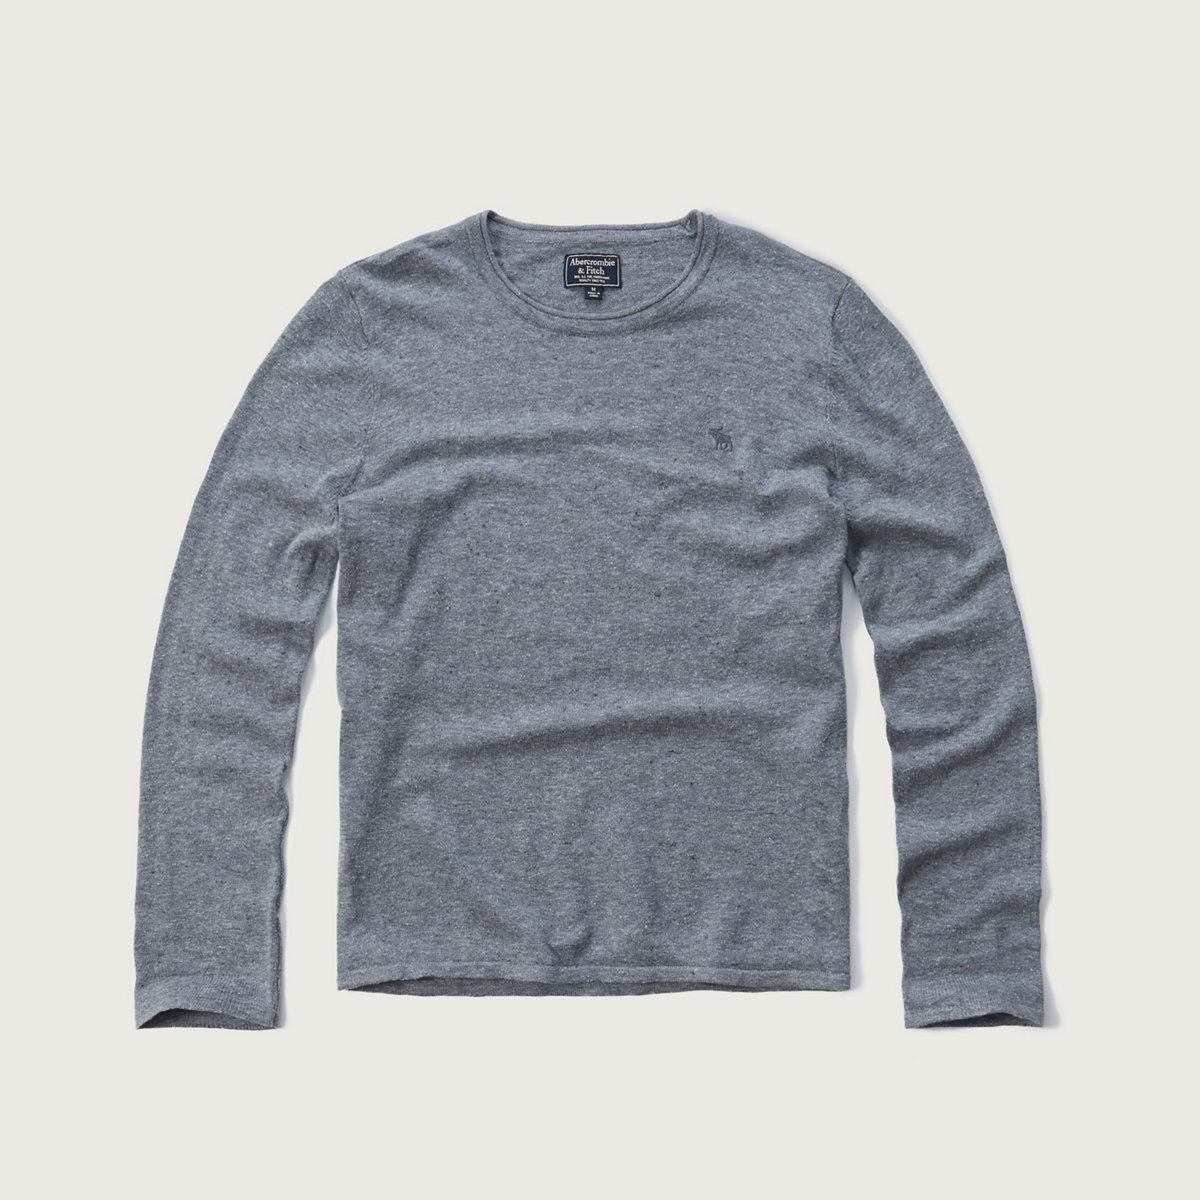 Iconic Crew Neck Sweater